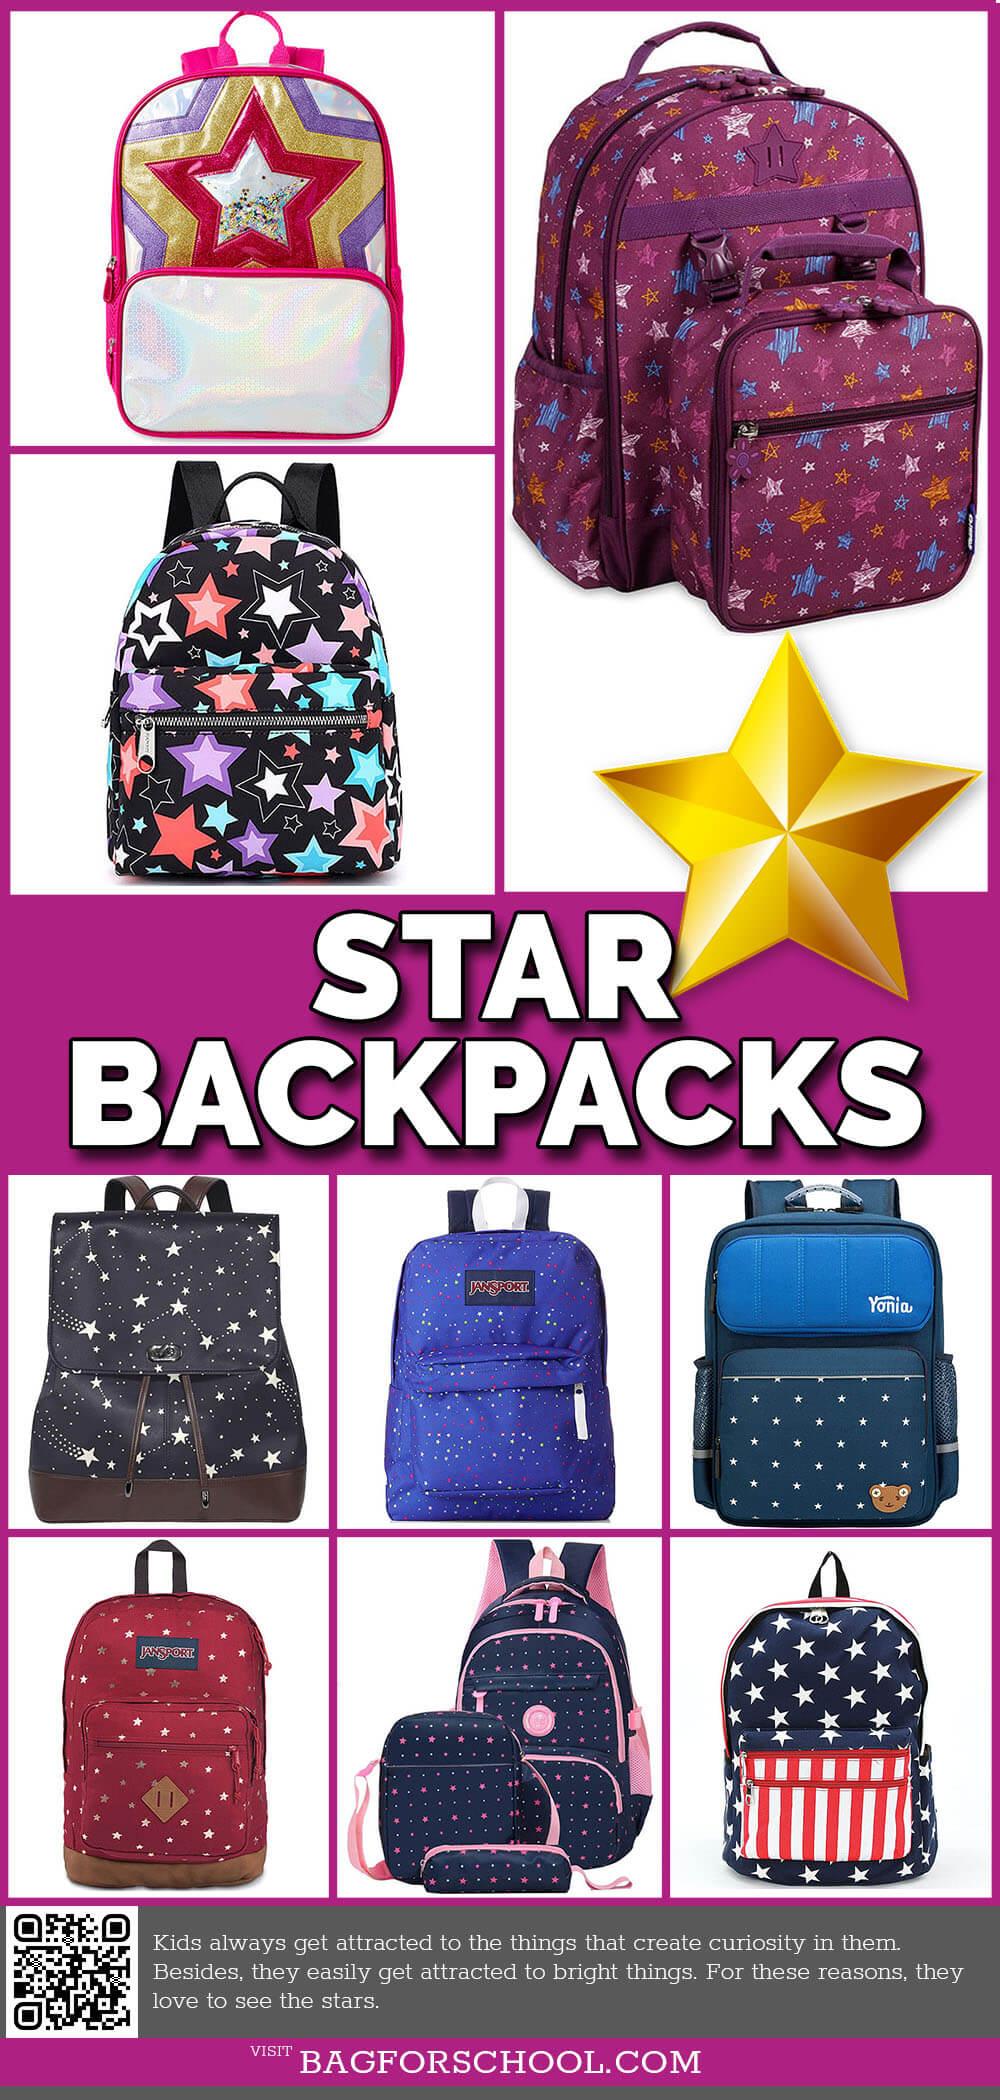 Star Backpacks